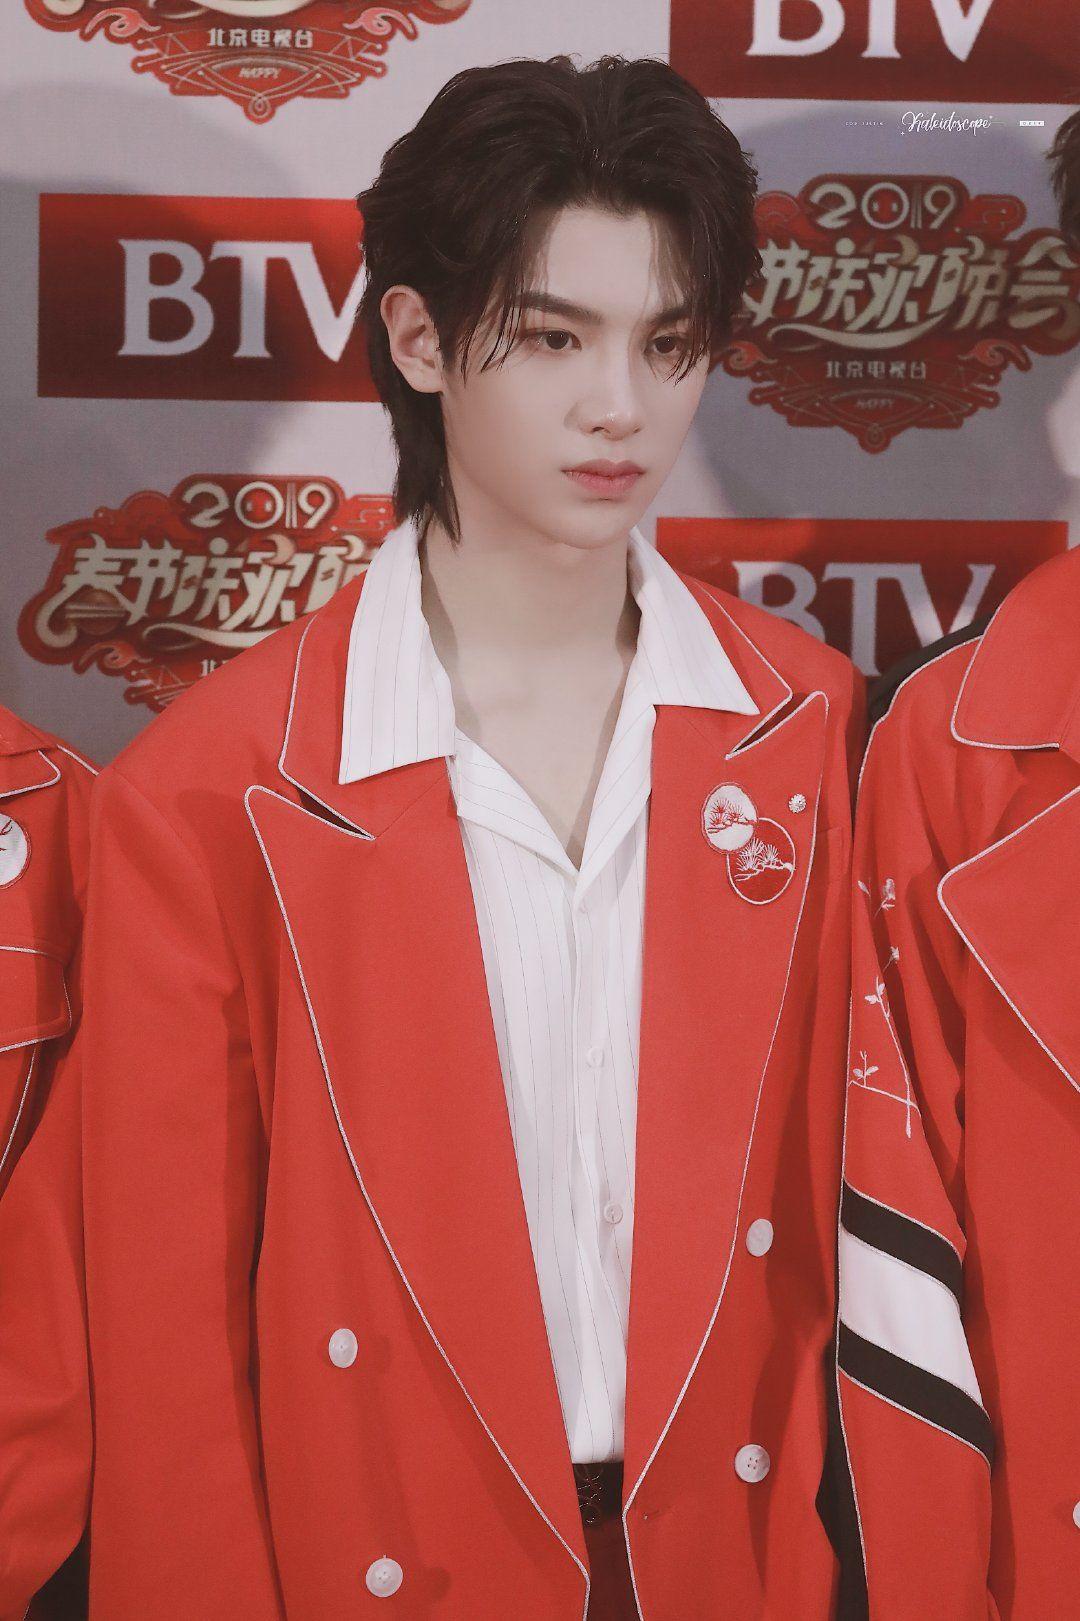 黄明昊 Justin Huang Minghao 190115 Red leather jacket